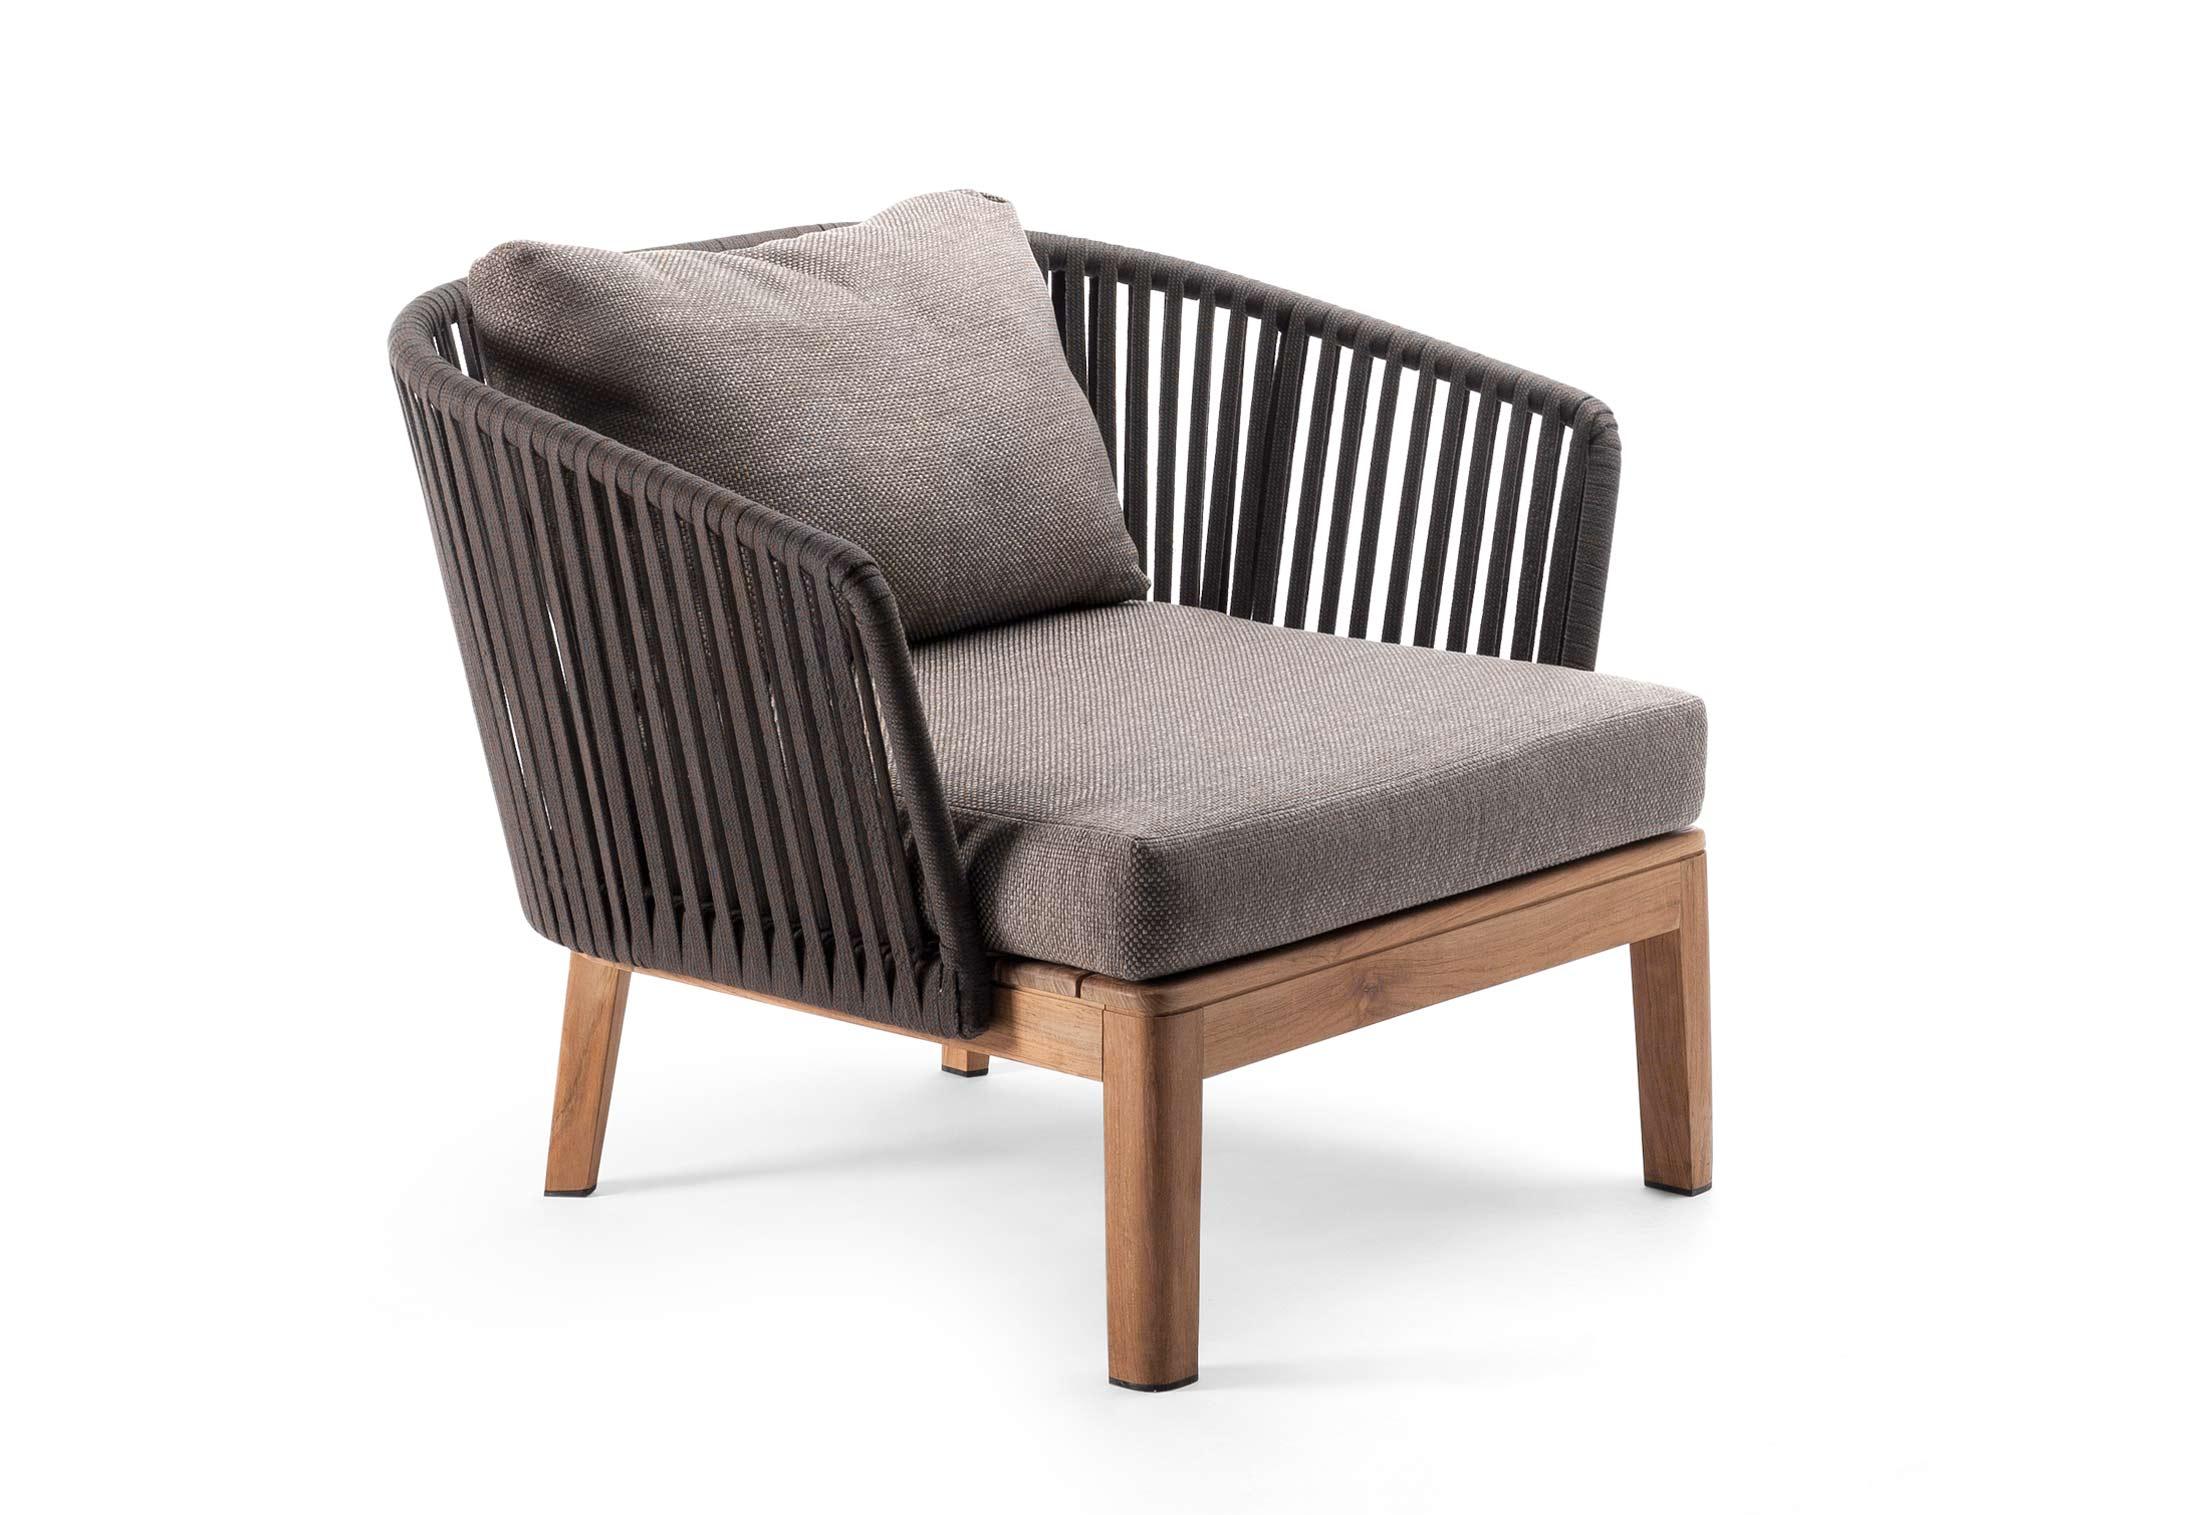 Mood Club Chair By Trib 249 Stylepark